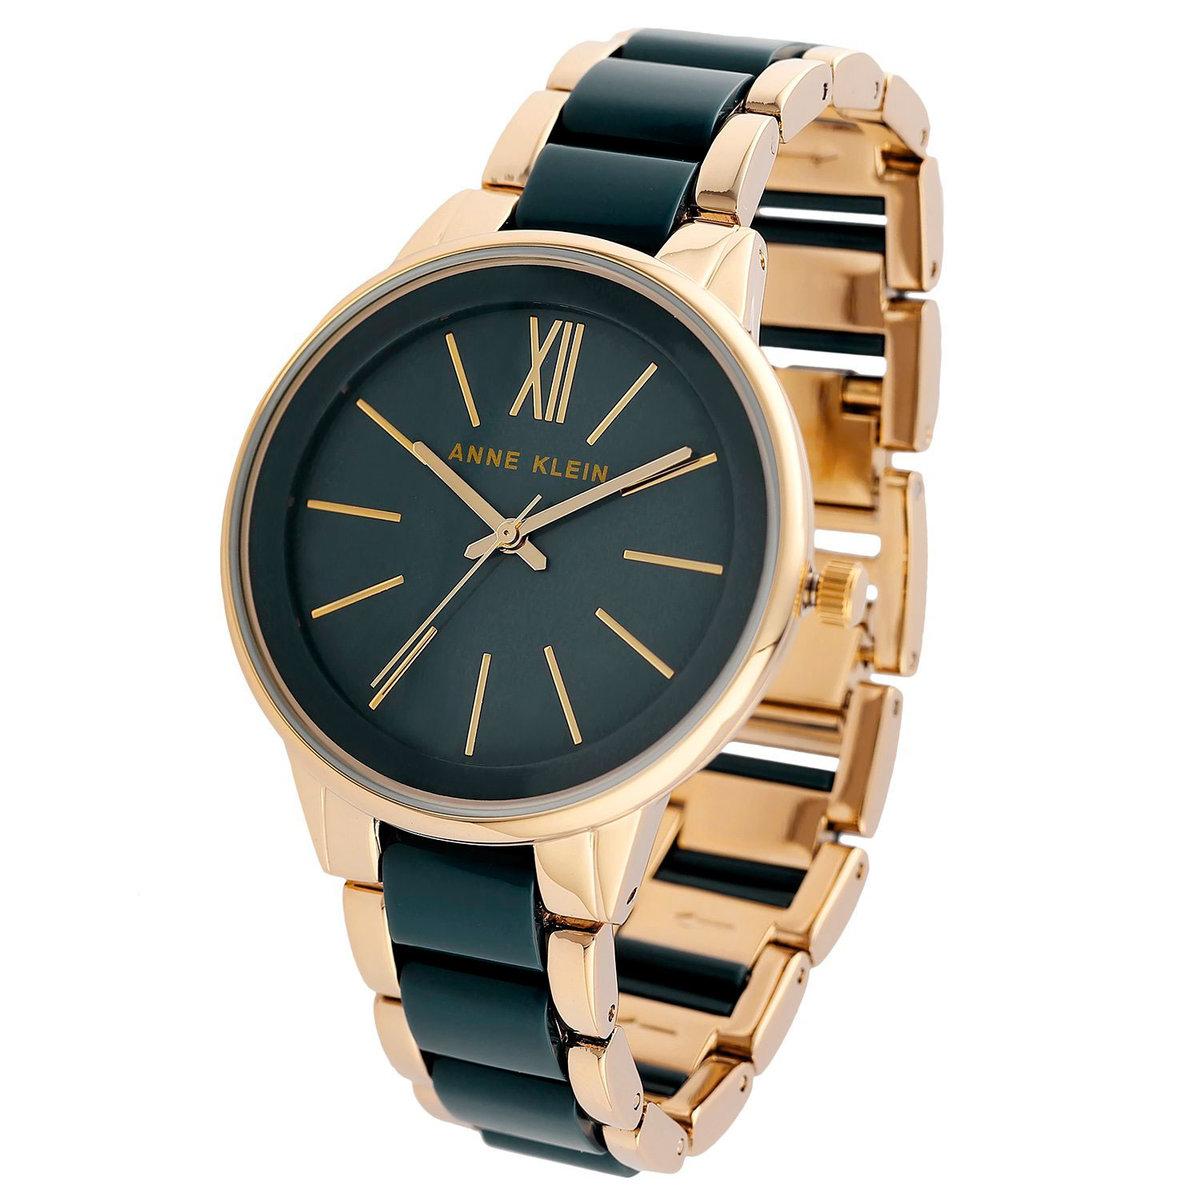 Caravelle new york 44l как выбрать женские часы для женщин в меньшей степени важно деление часов на механические и кварцевые, работающие от батарейки: новинка года известный бренд золото кристалл geneva повседневное кварцевые часы для женщин нержавеющая сталь платье часы re